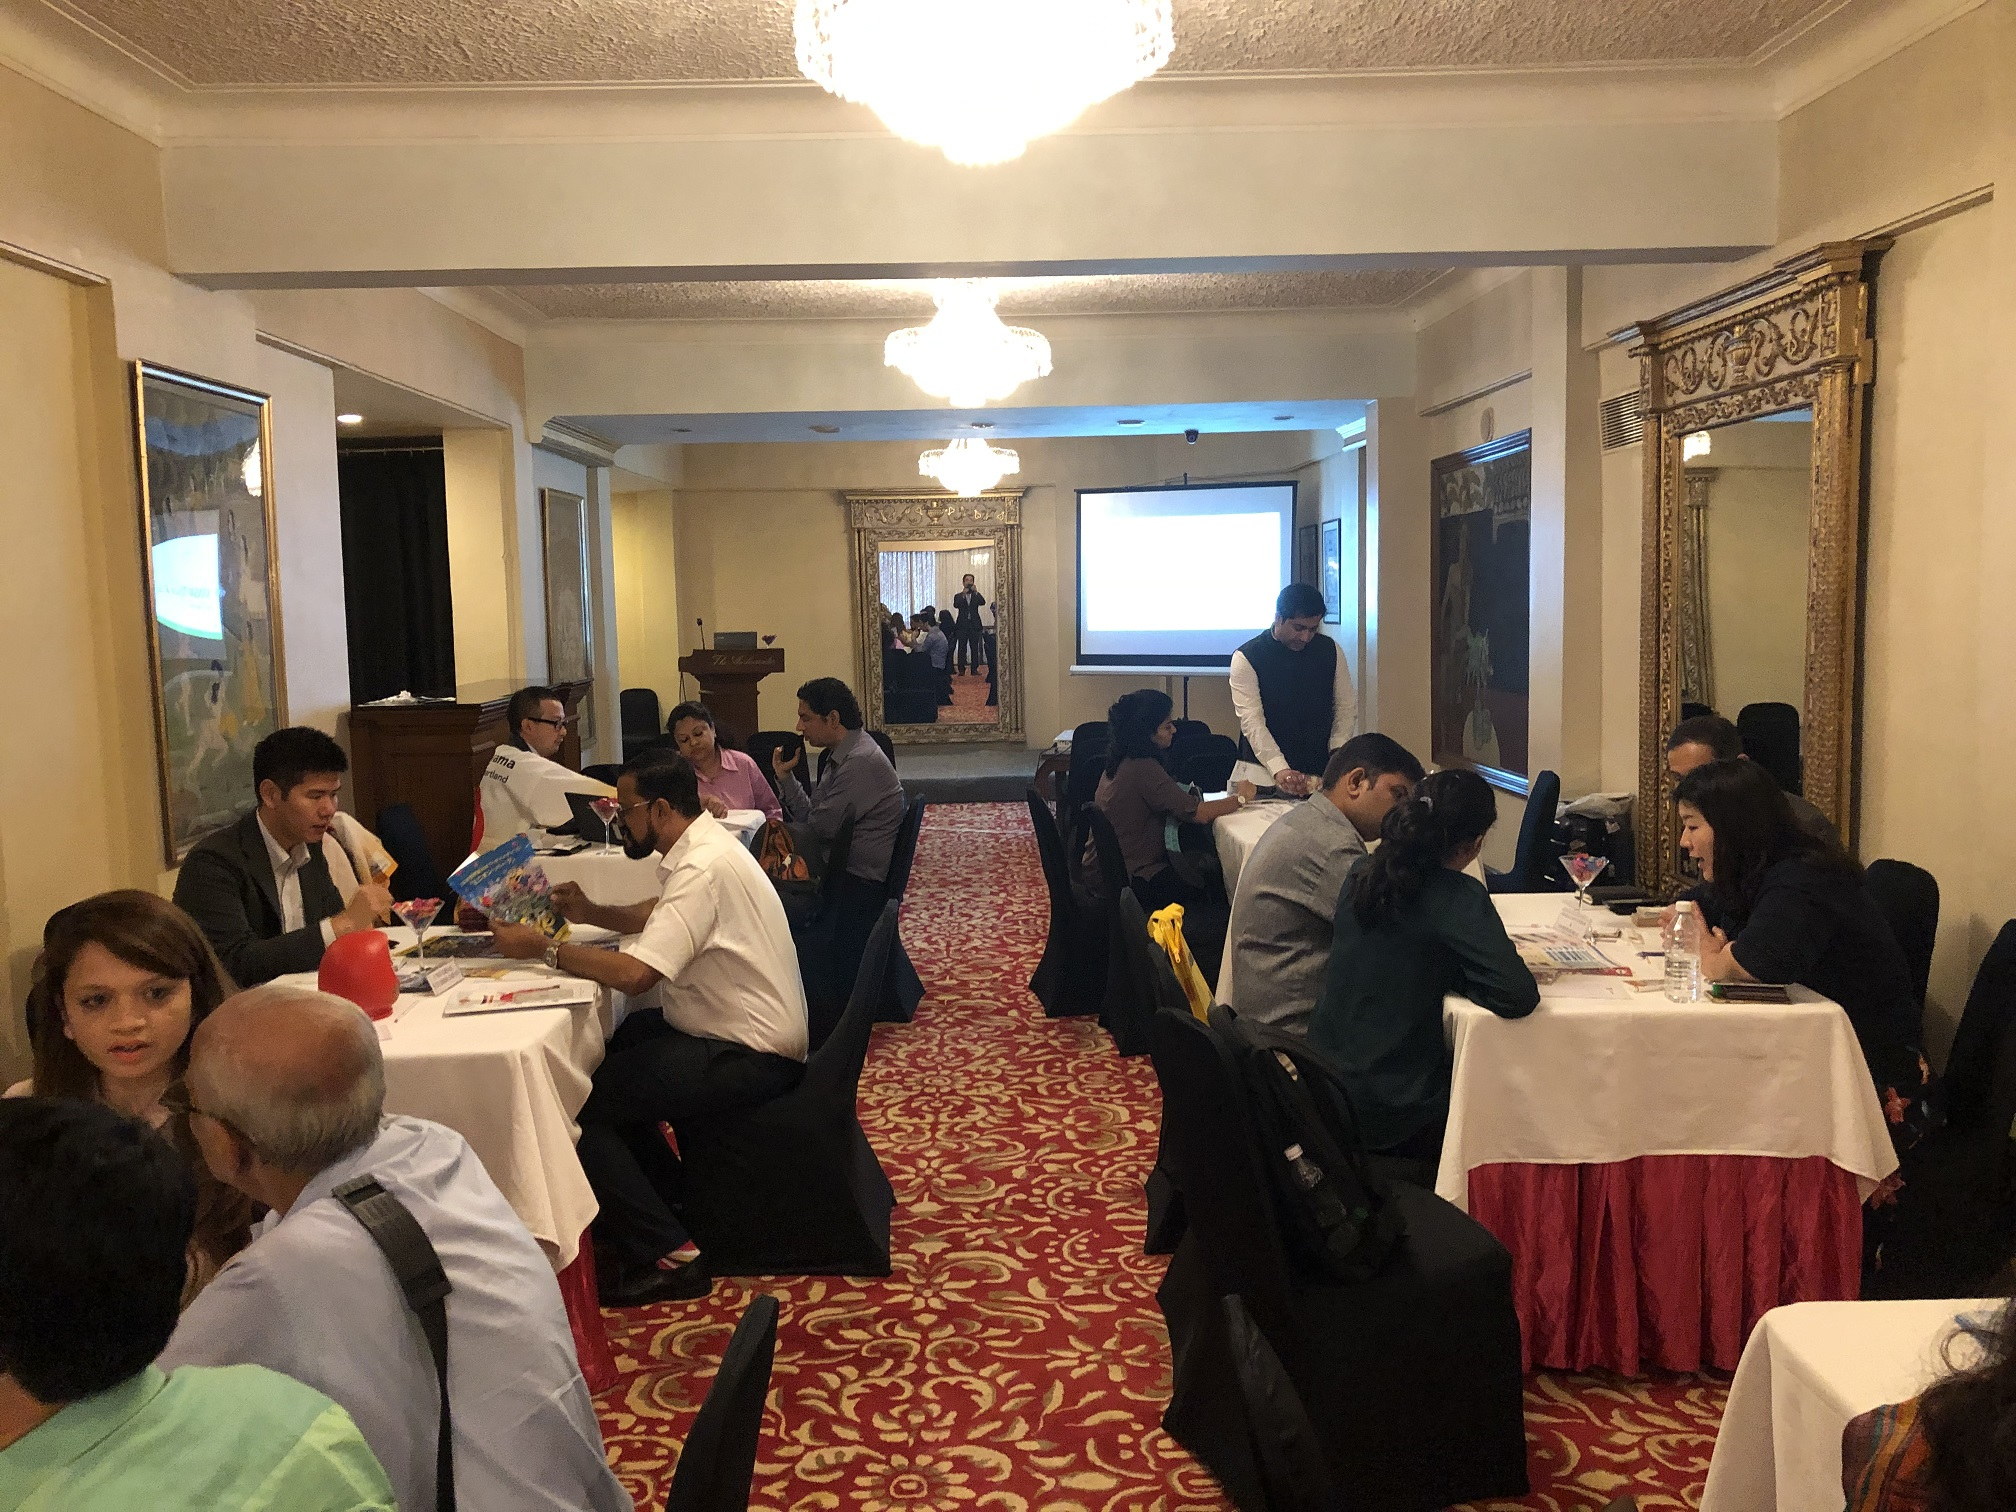 インド主要3都市において関西をPRする「KANSAI Tourism Seminar」を開催しました